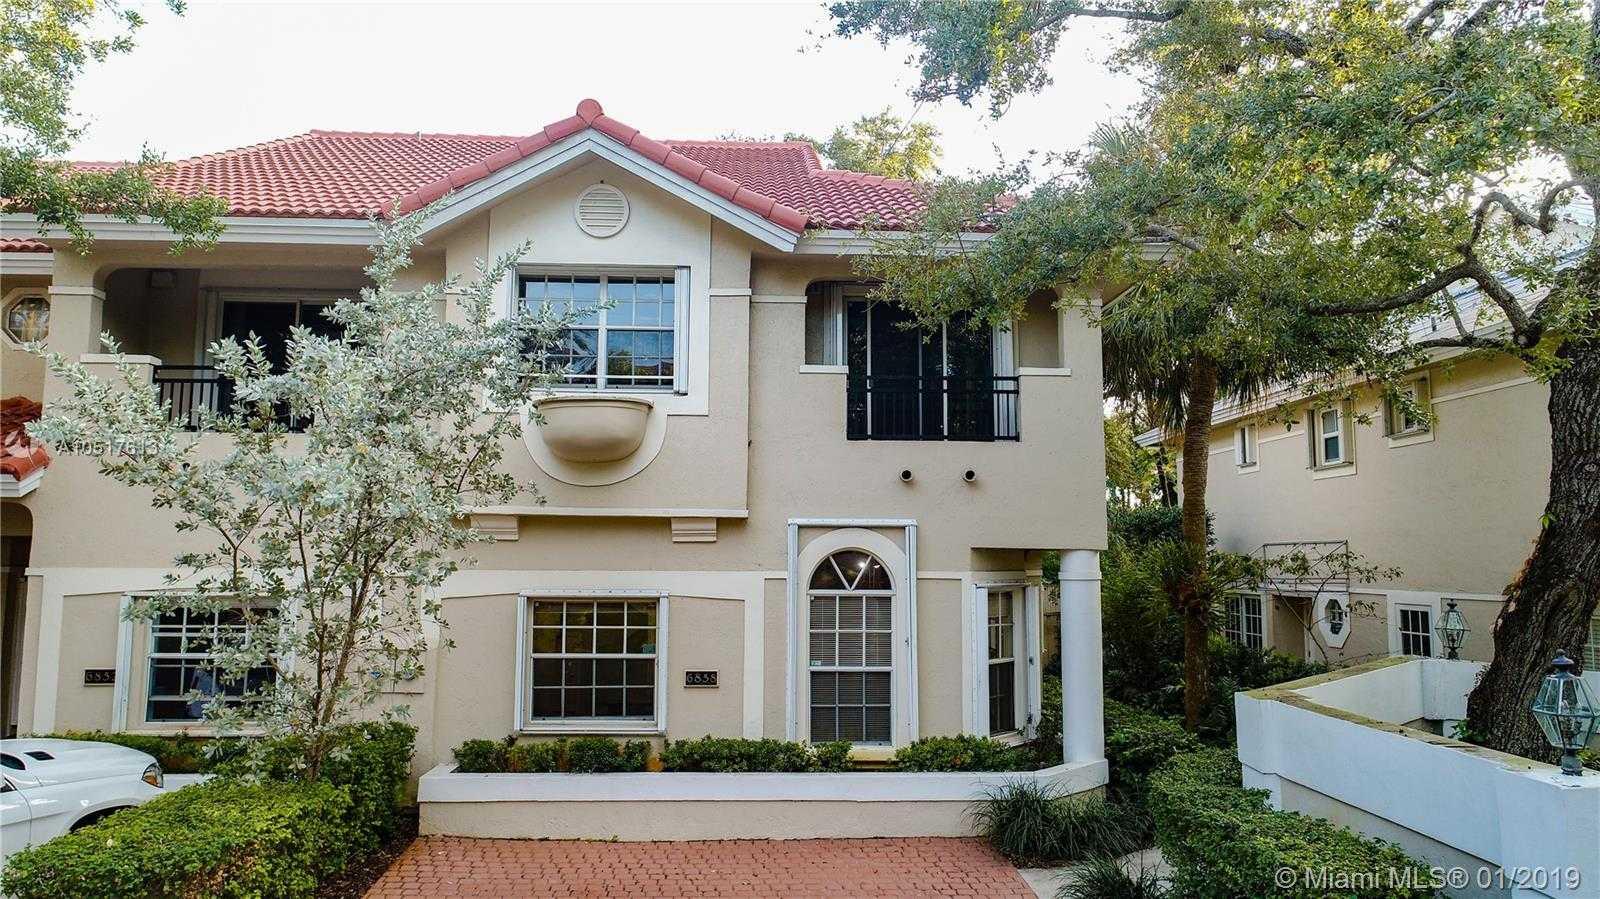 6858 Sw 89 Terrace Unit 6858 Pinecrest, FL 33156